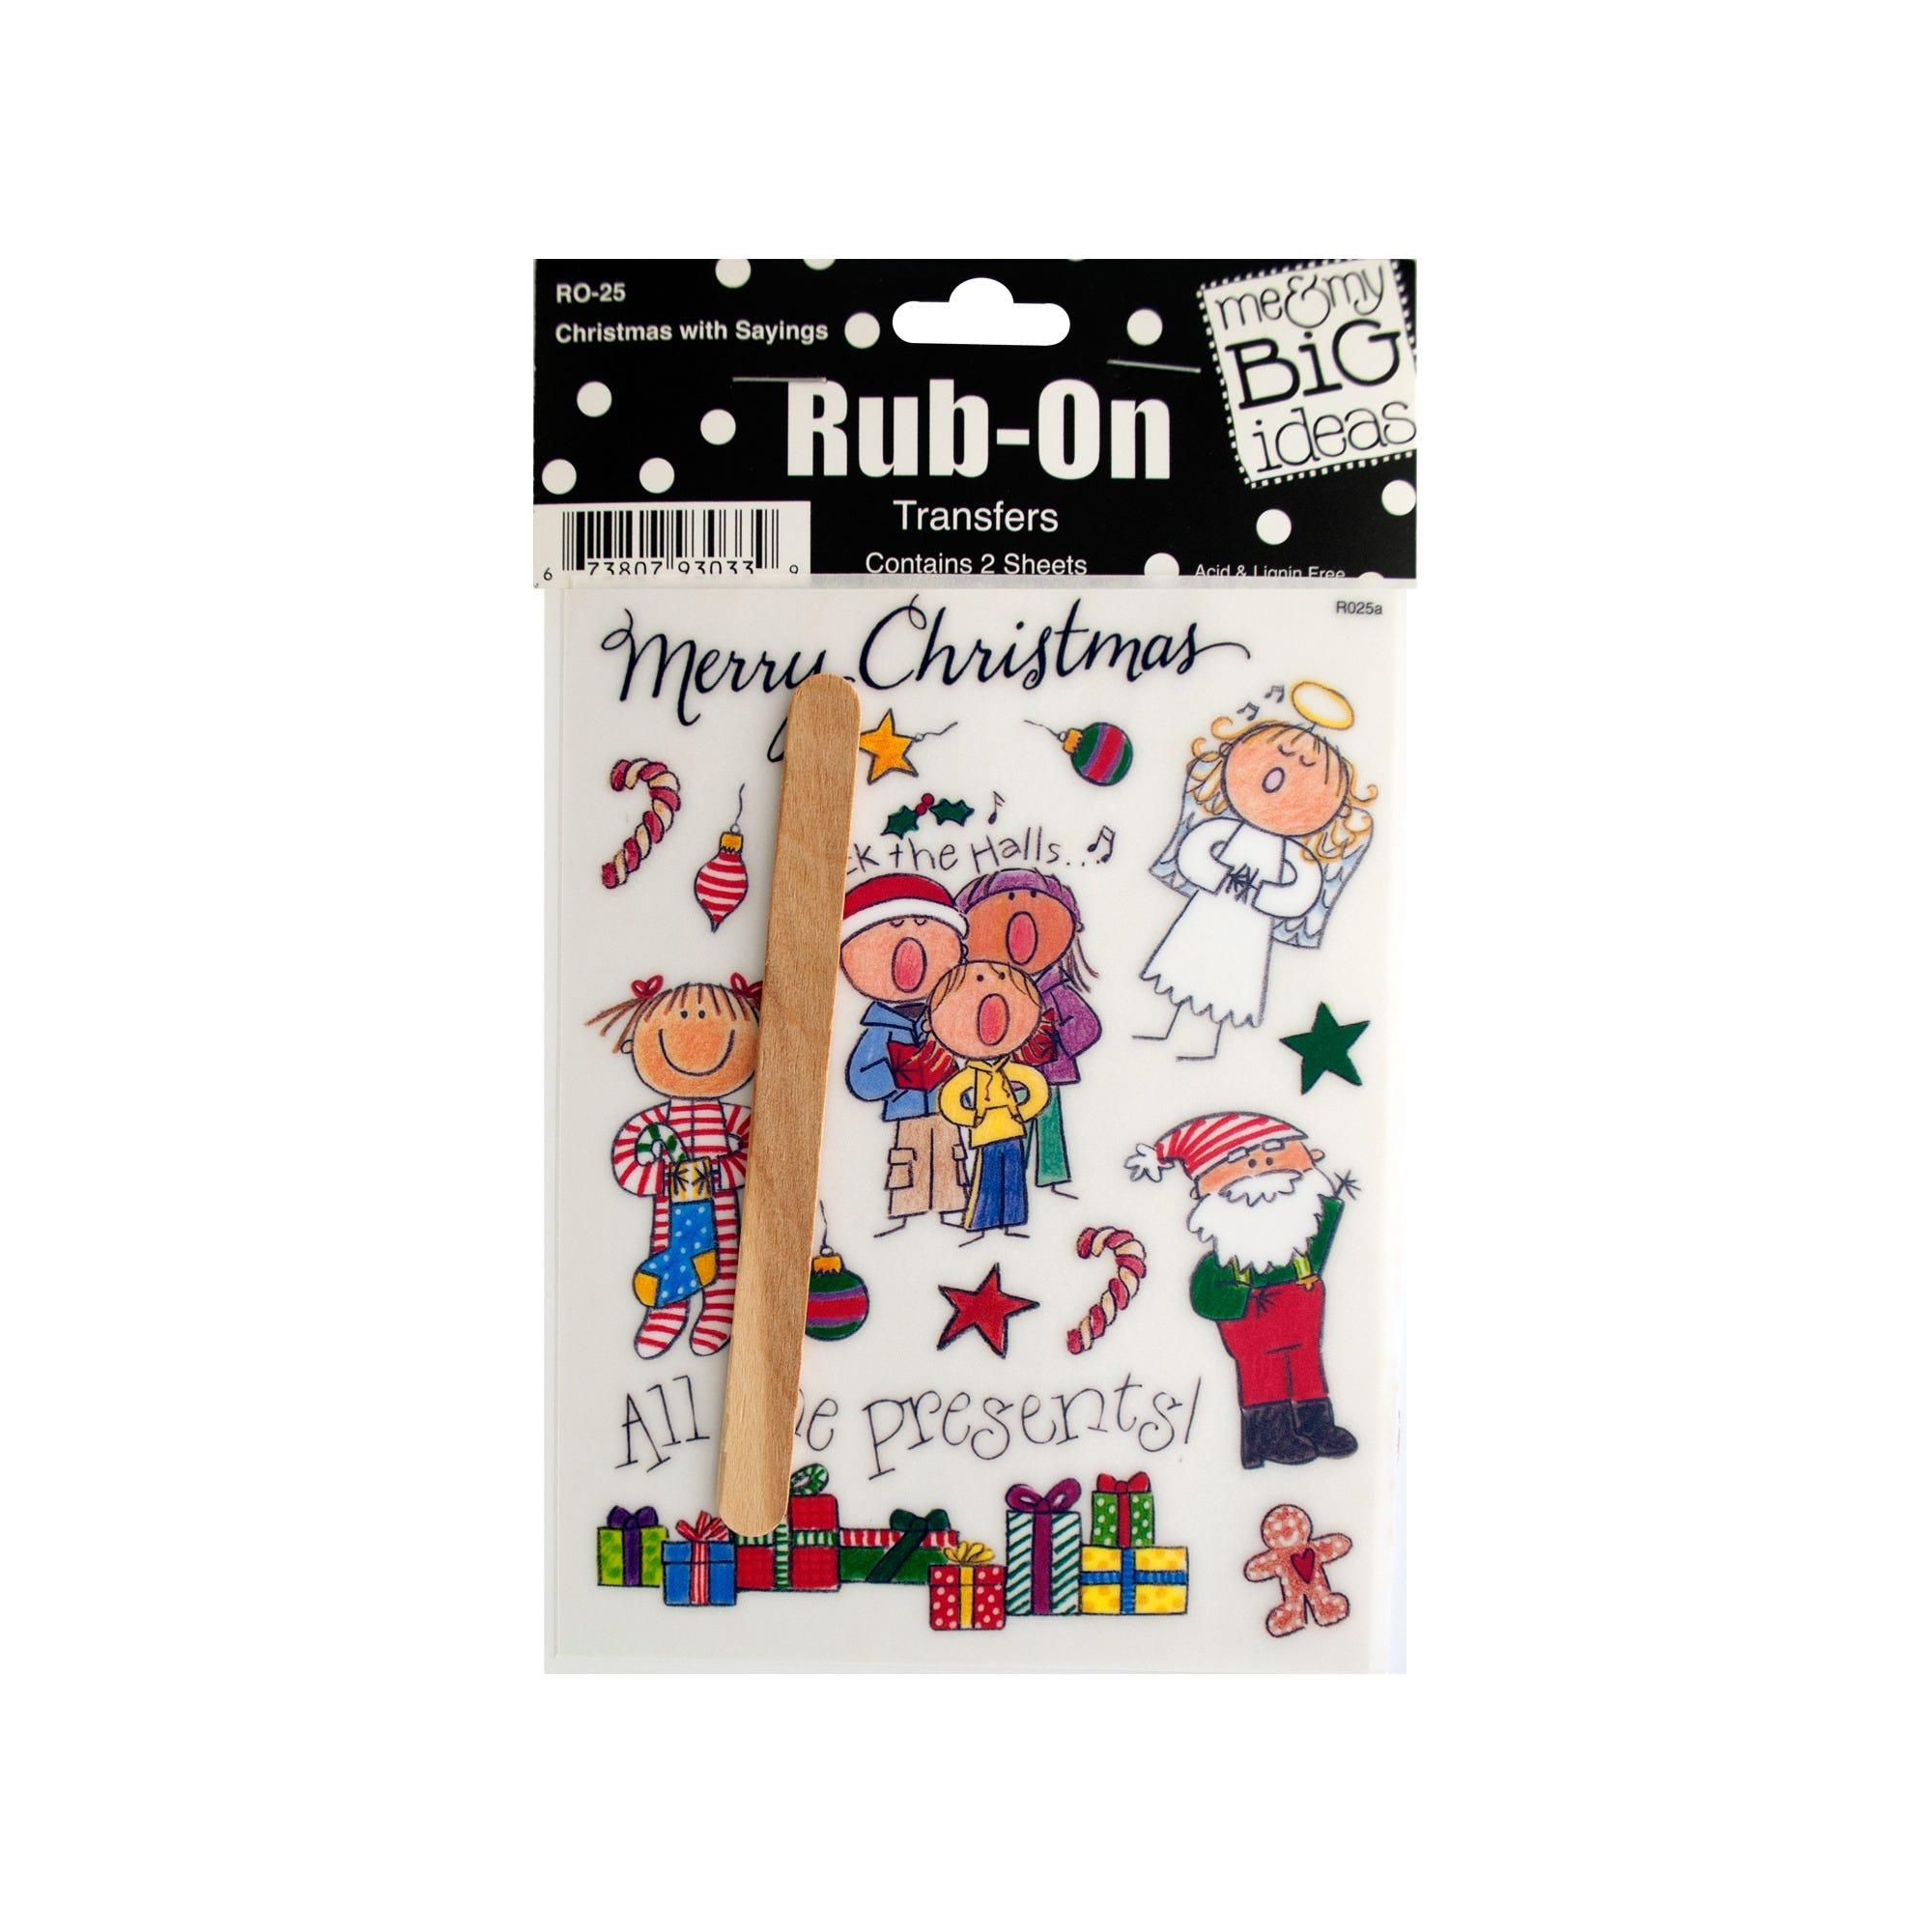 CHRISTMAS-with-sayings-rub-on-transfers